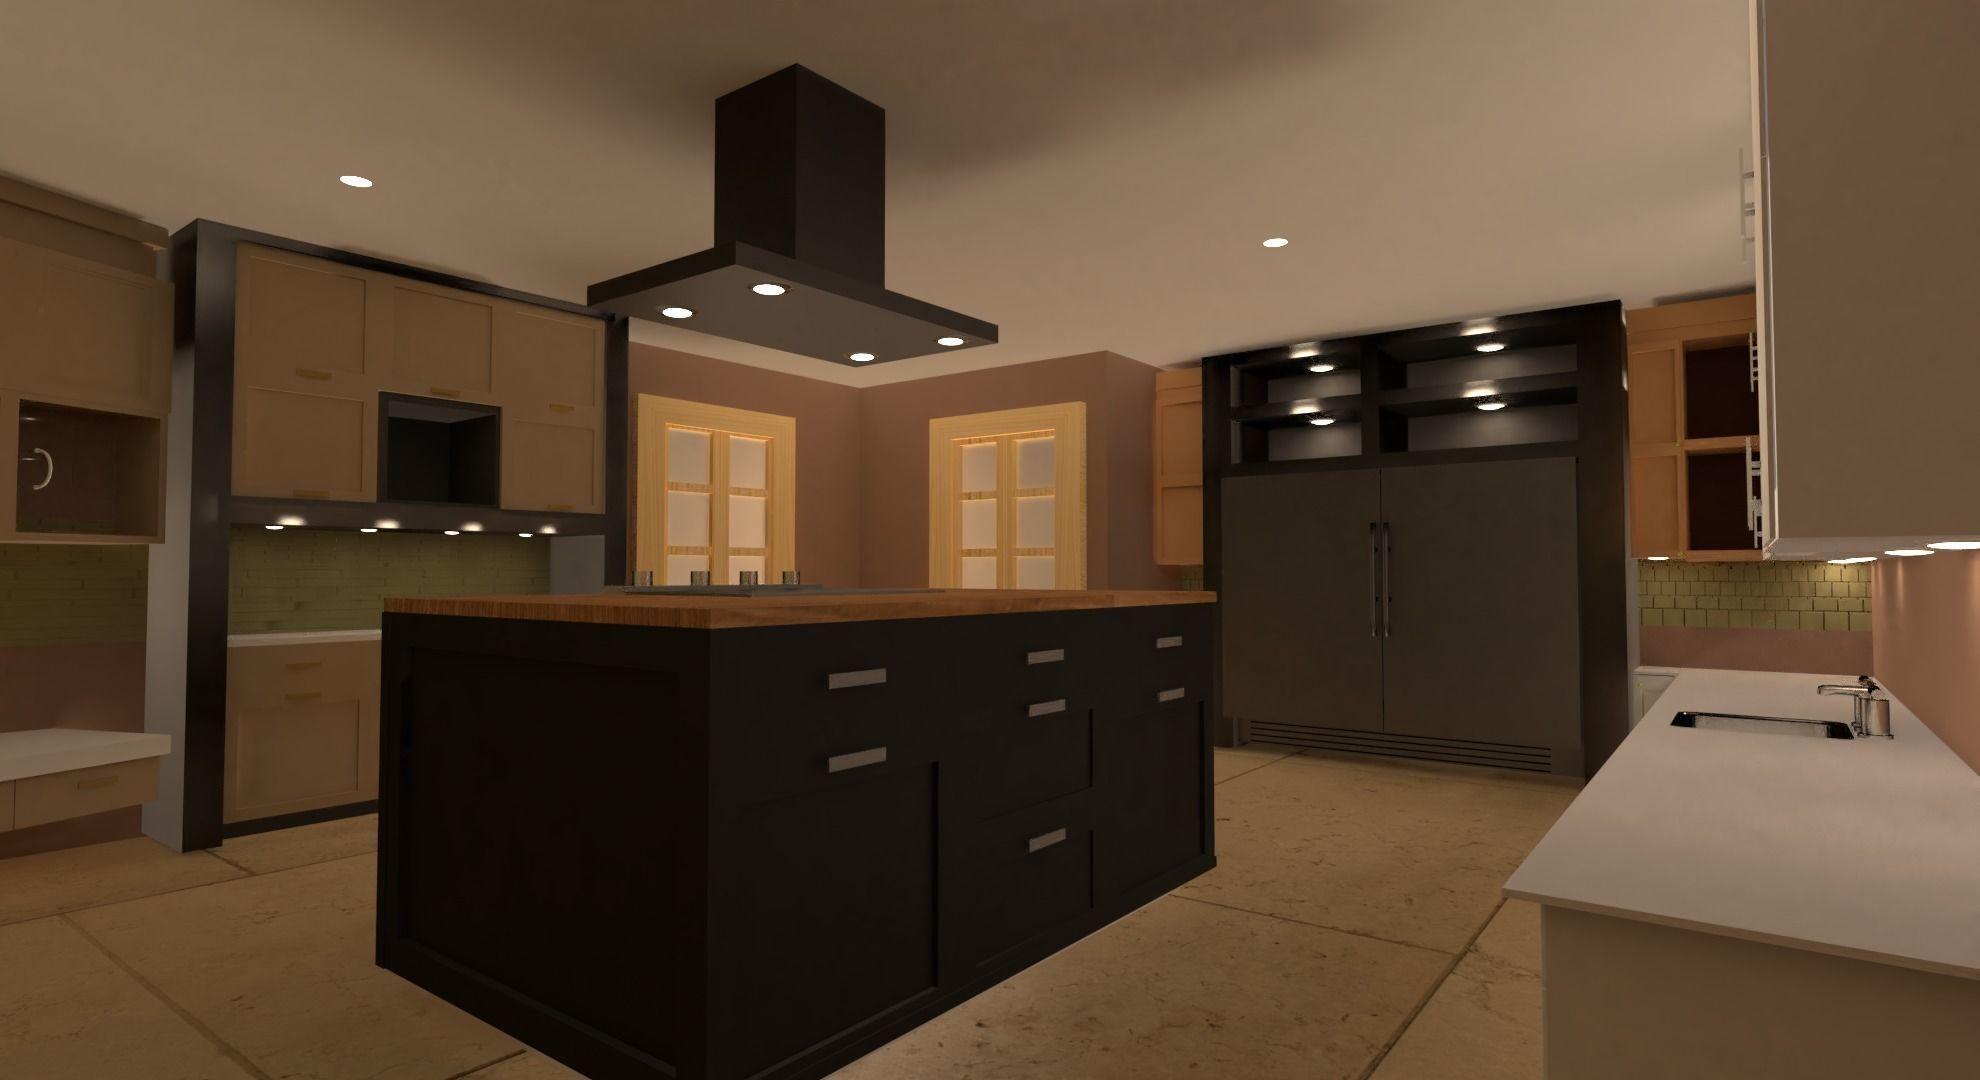 Kitchen 3d Model Obj